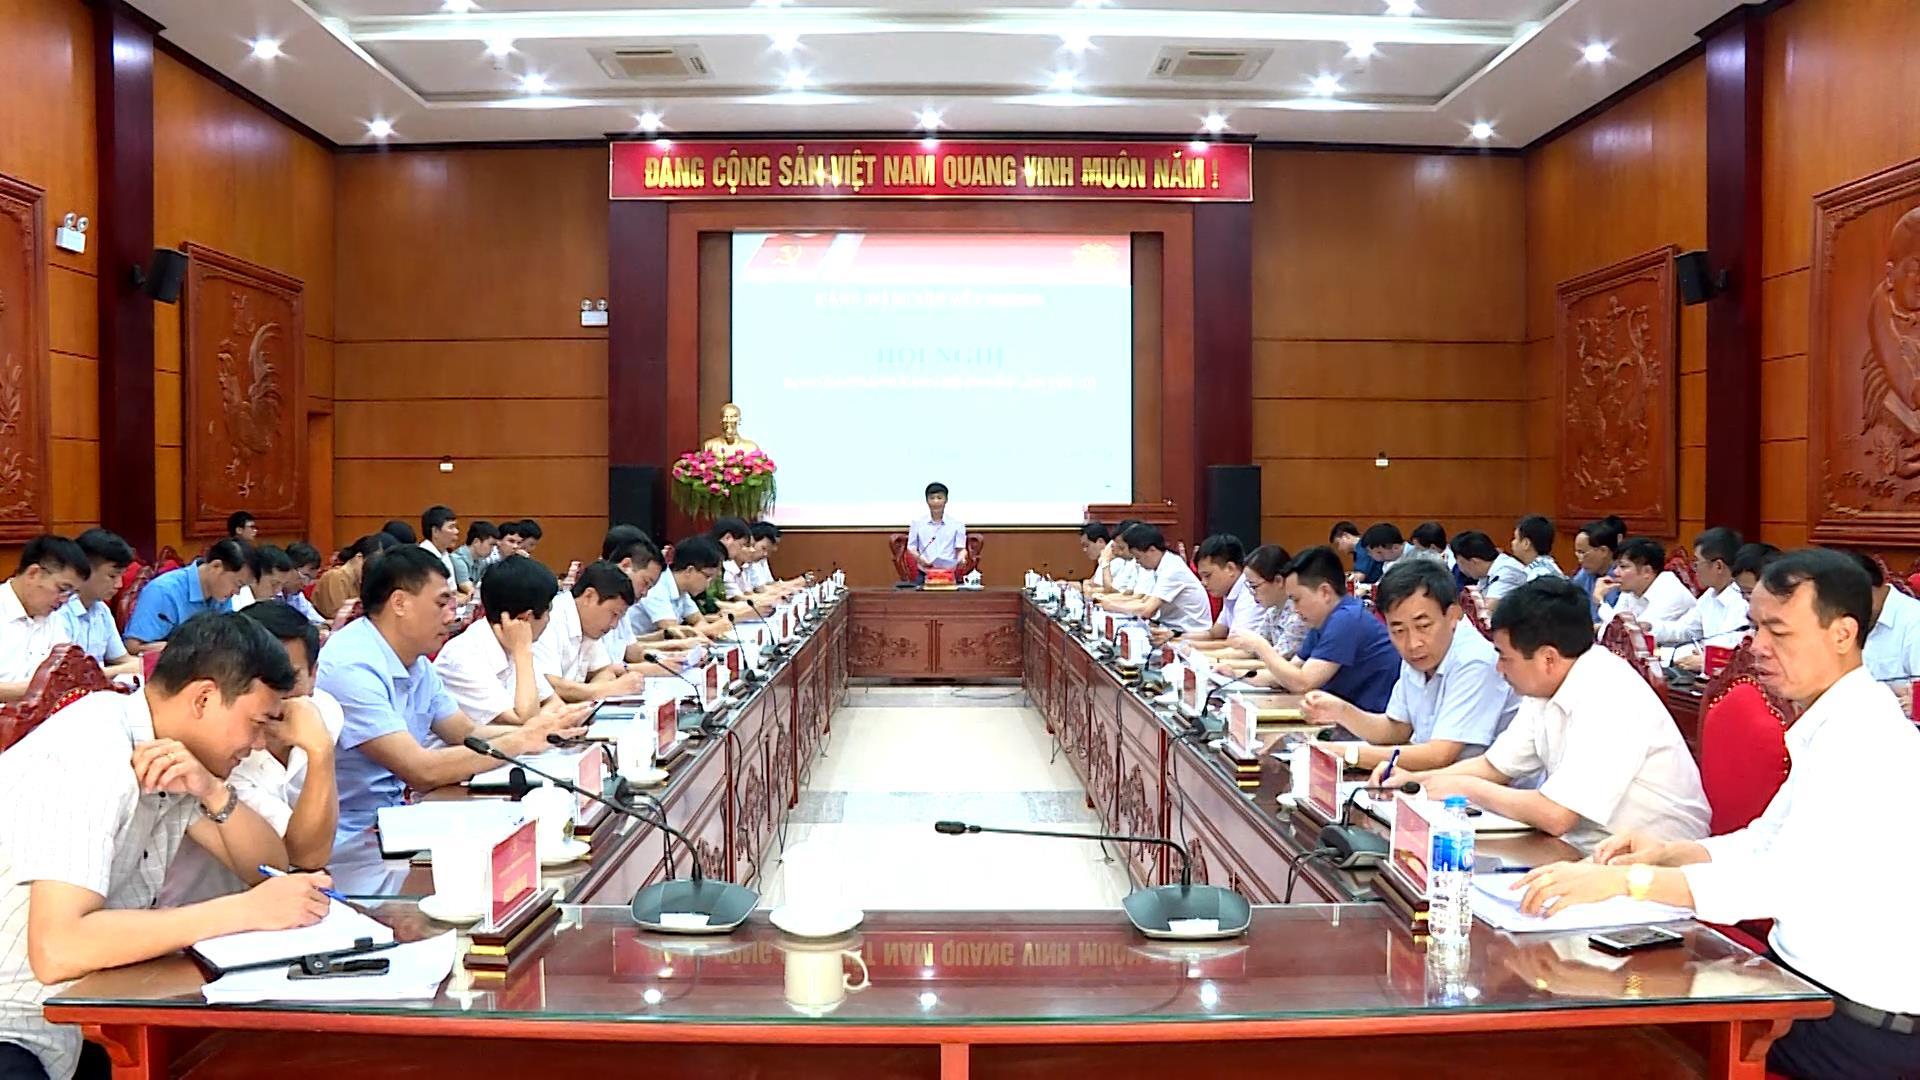 Ban Chấp hành Đảng bộ huyện Yên Phong nhiệm kỳ 2020 – 2025  tổ chức kỳ họp thứ 3, triển khai nhiệm vụ 6 tháng cuối năm 2020